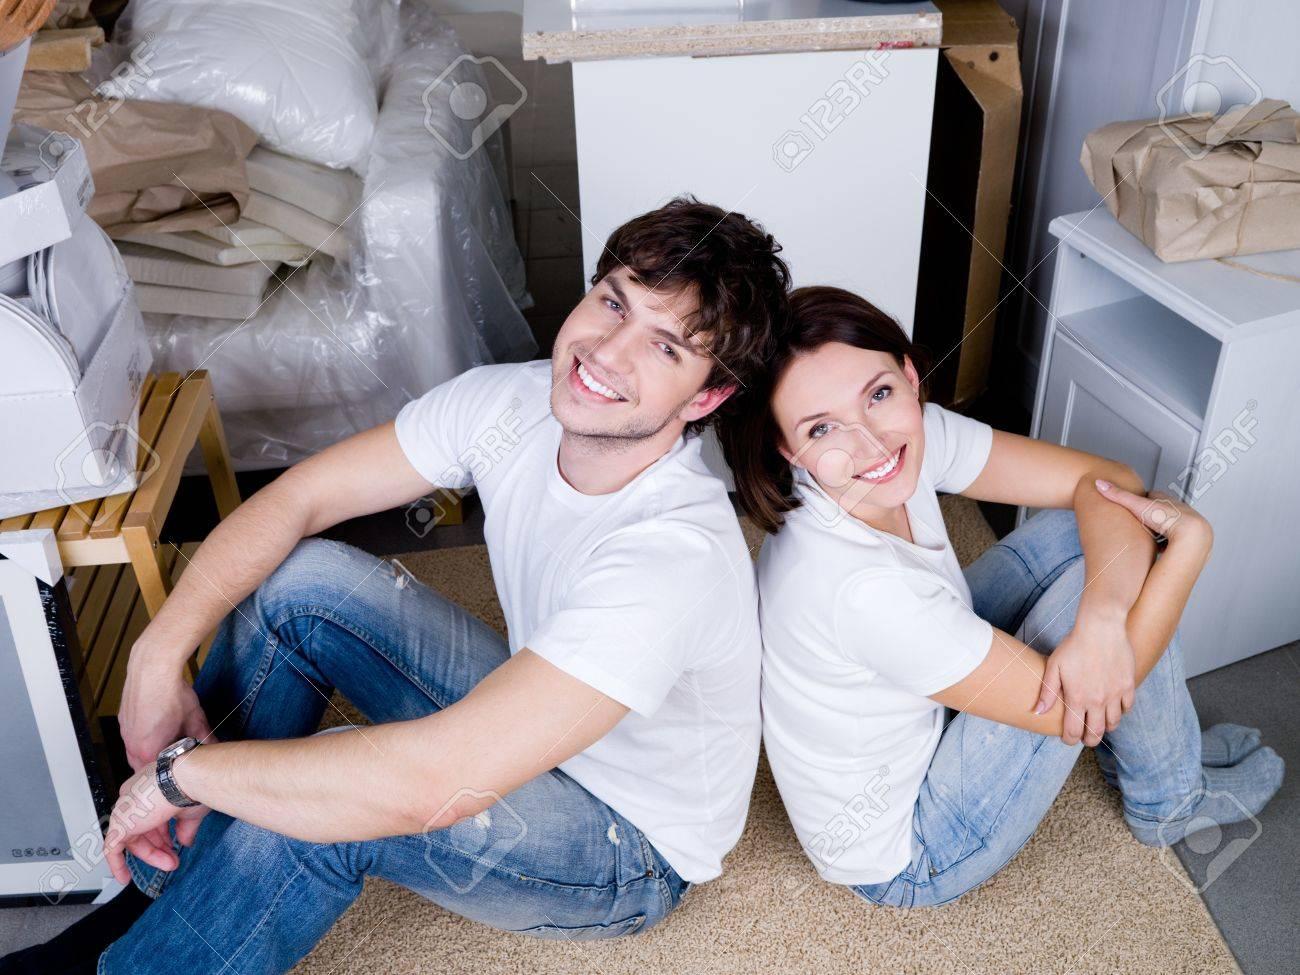 Русская молодая пара в квартире 1 фотография